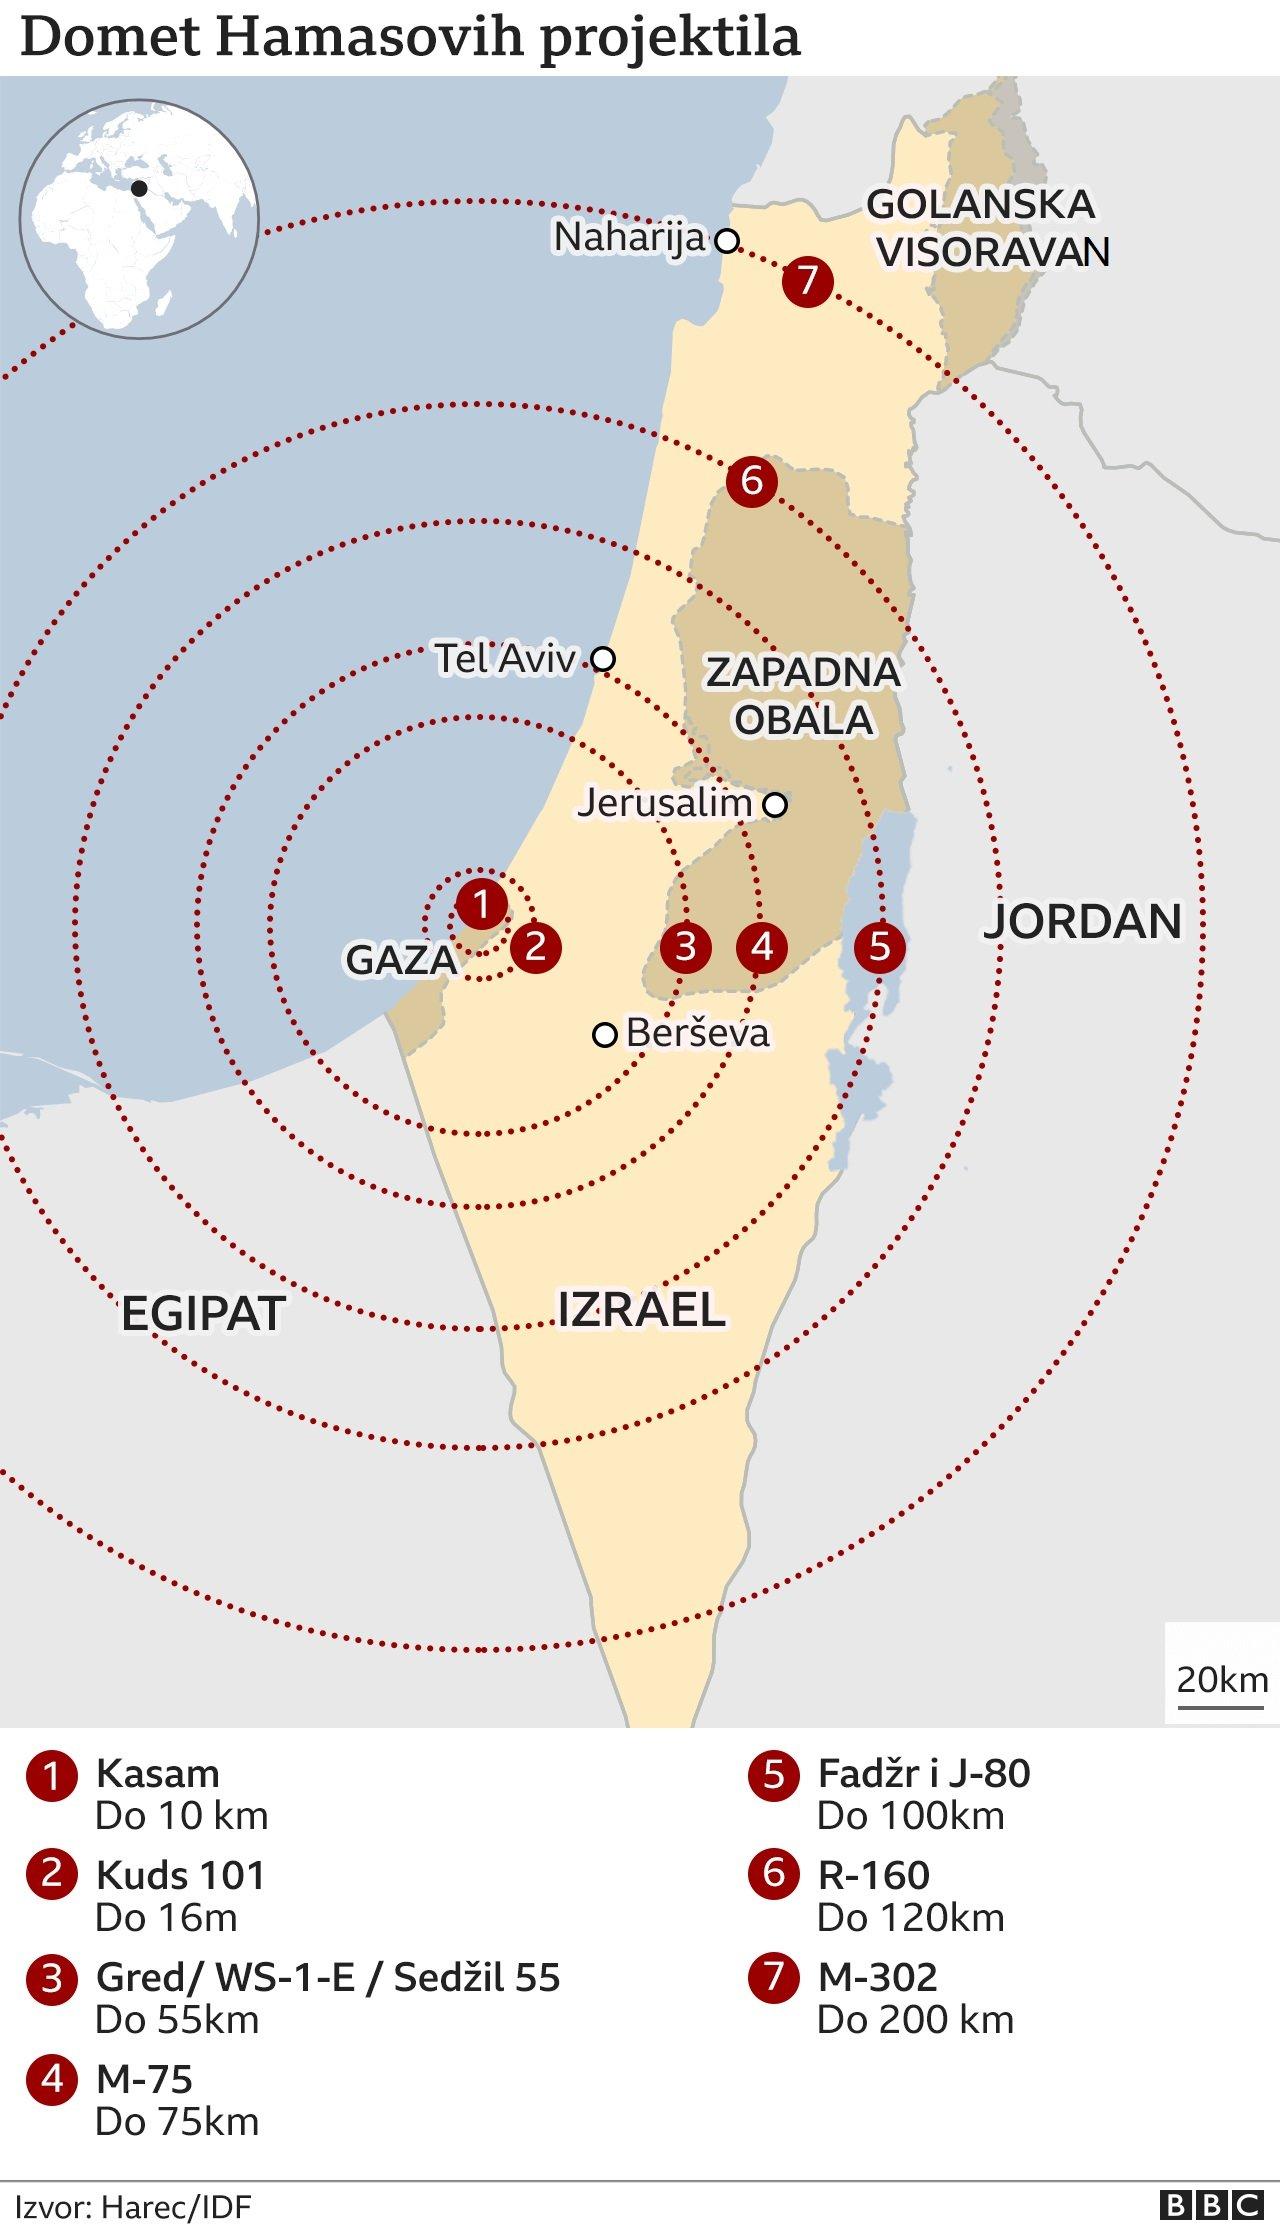 Domet Hamasovih raketa